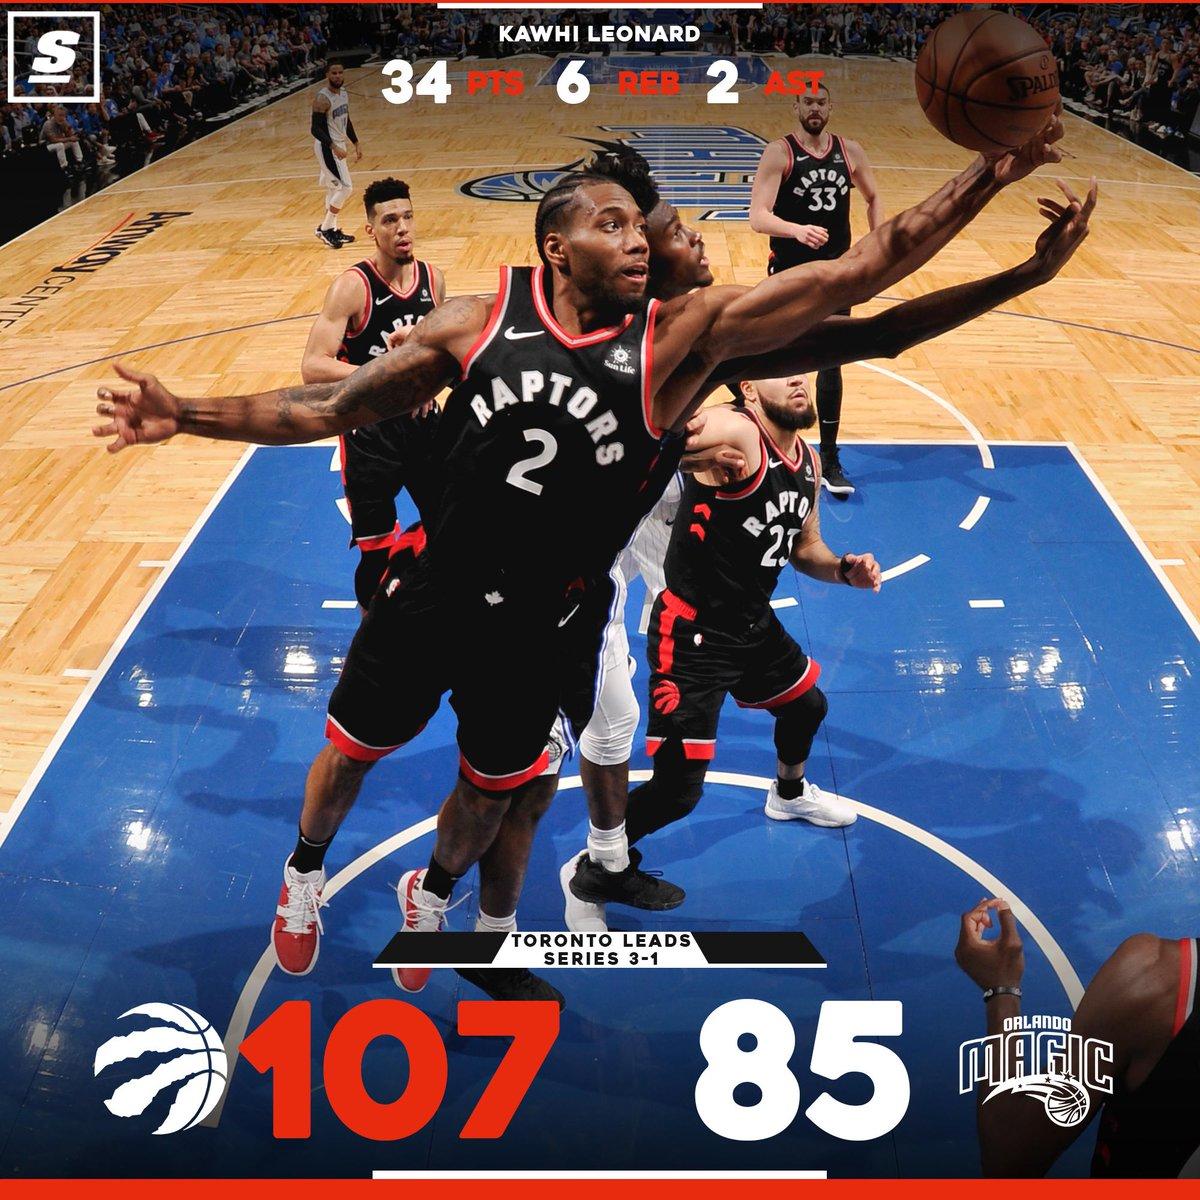 #NBA  Los #Raptors están a una victoria de llegar a la 2da ronda. Le ganaron a los #Magic con un gran juego de #KawhiLeonard con 34 pts, 6 reb, 2 ast. #NBAPlayoffs  #Raptors #Magic #OnTimeDeportes